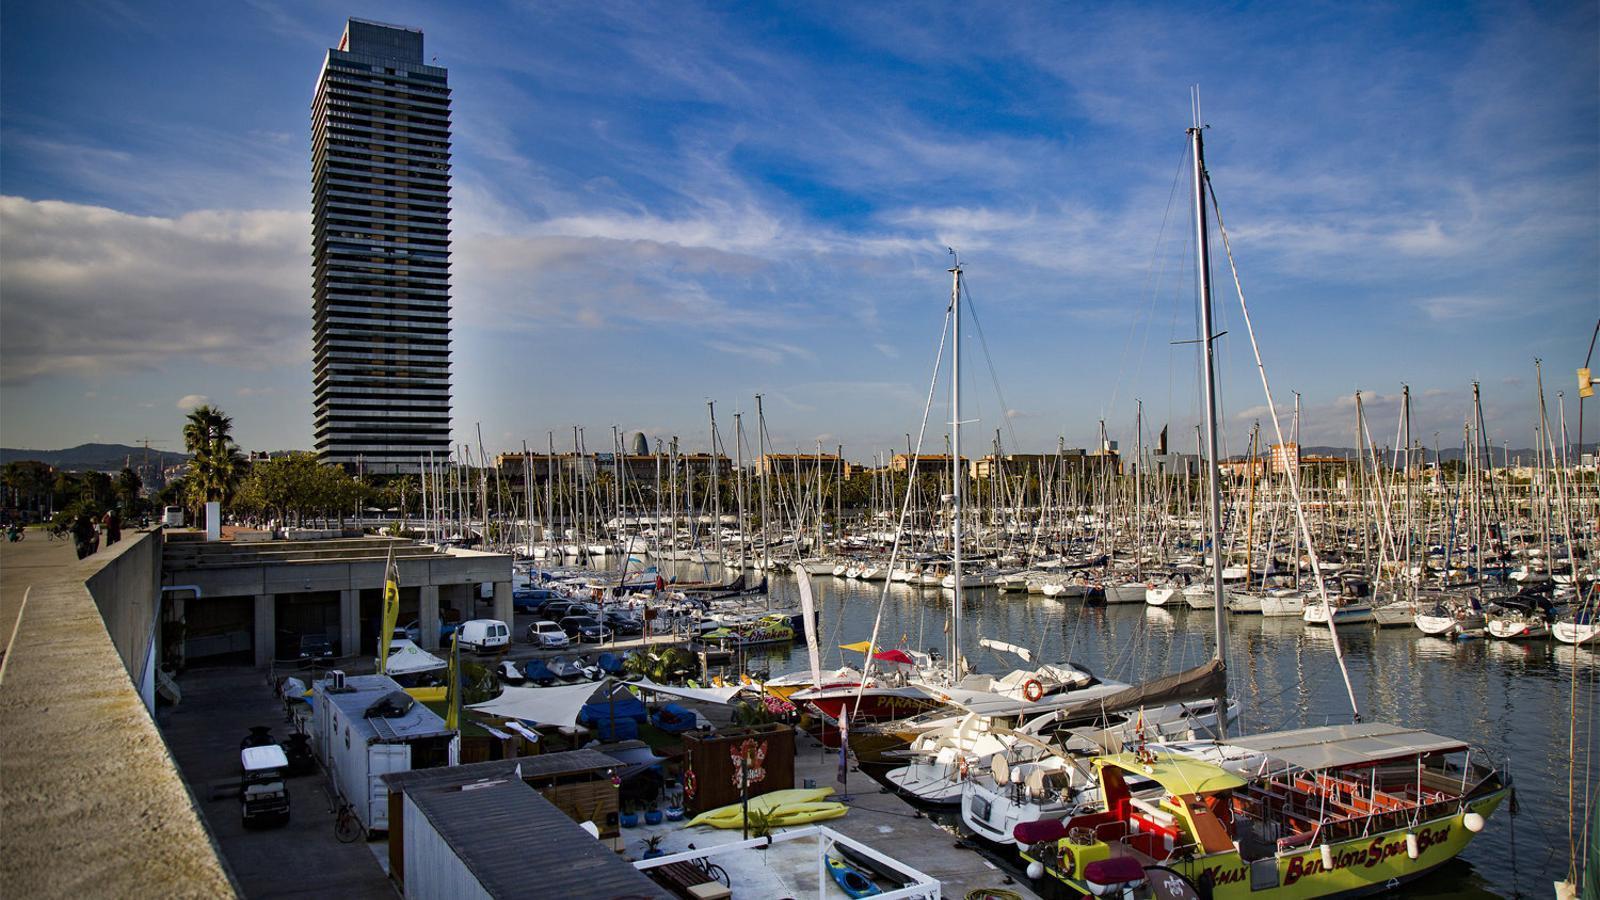 01. Les embarcacions surten cada dijous i divendres del Port Olímpic de Barcelona. 02. La barra plena de begudes a l'interior del booze cruise.